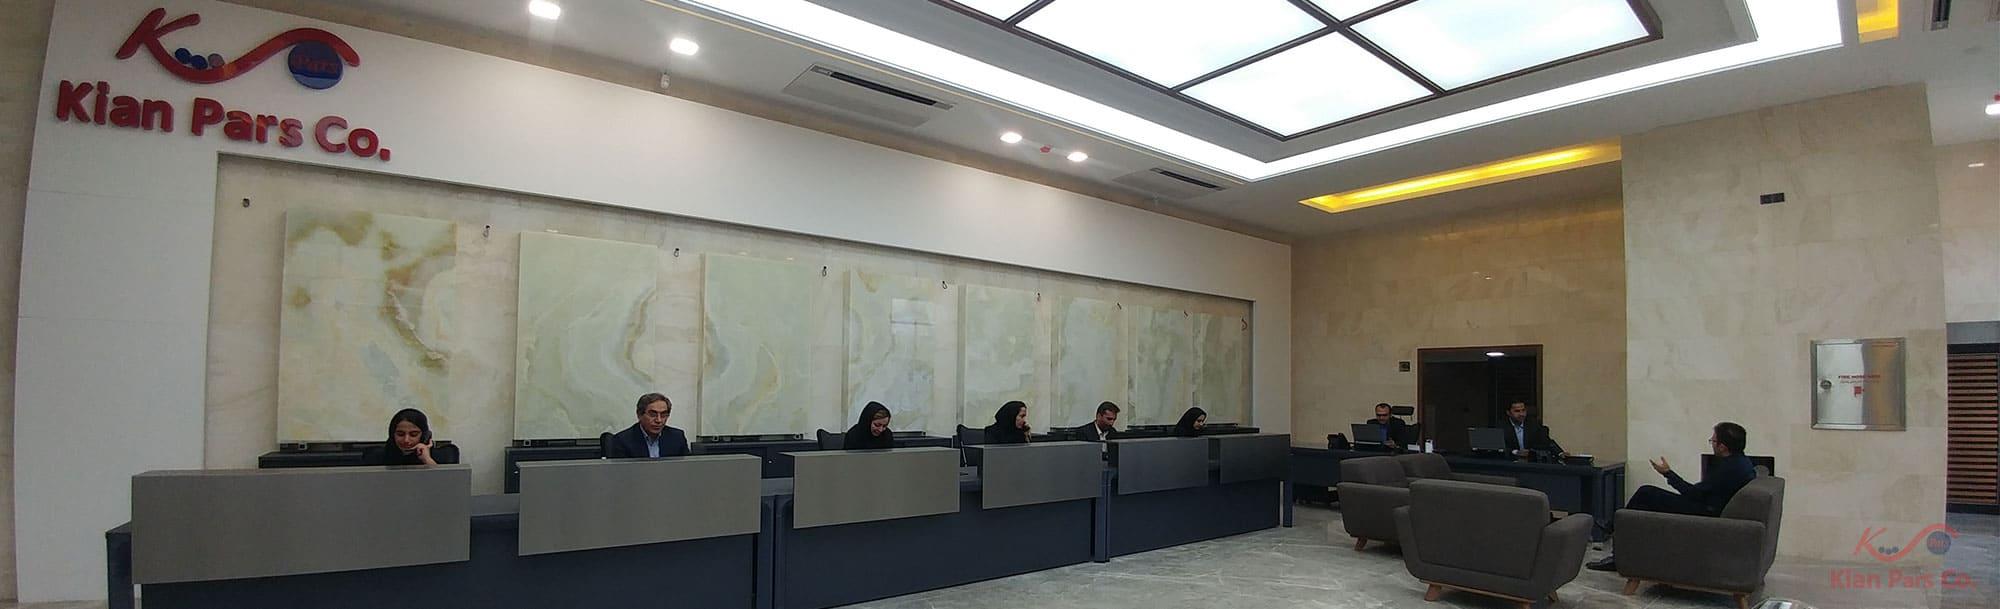 درباره شرکت کیان پارس اصفهان | کیان پارس اصفهان | اسلاید شماره 3